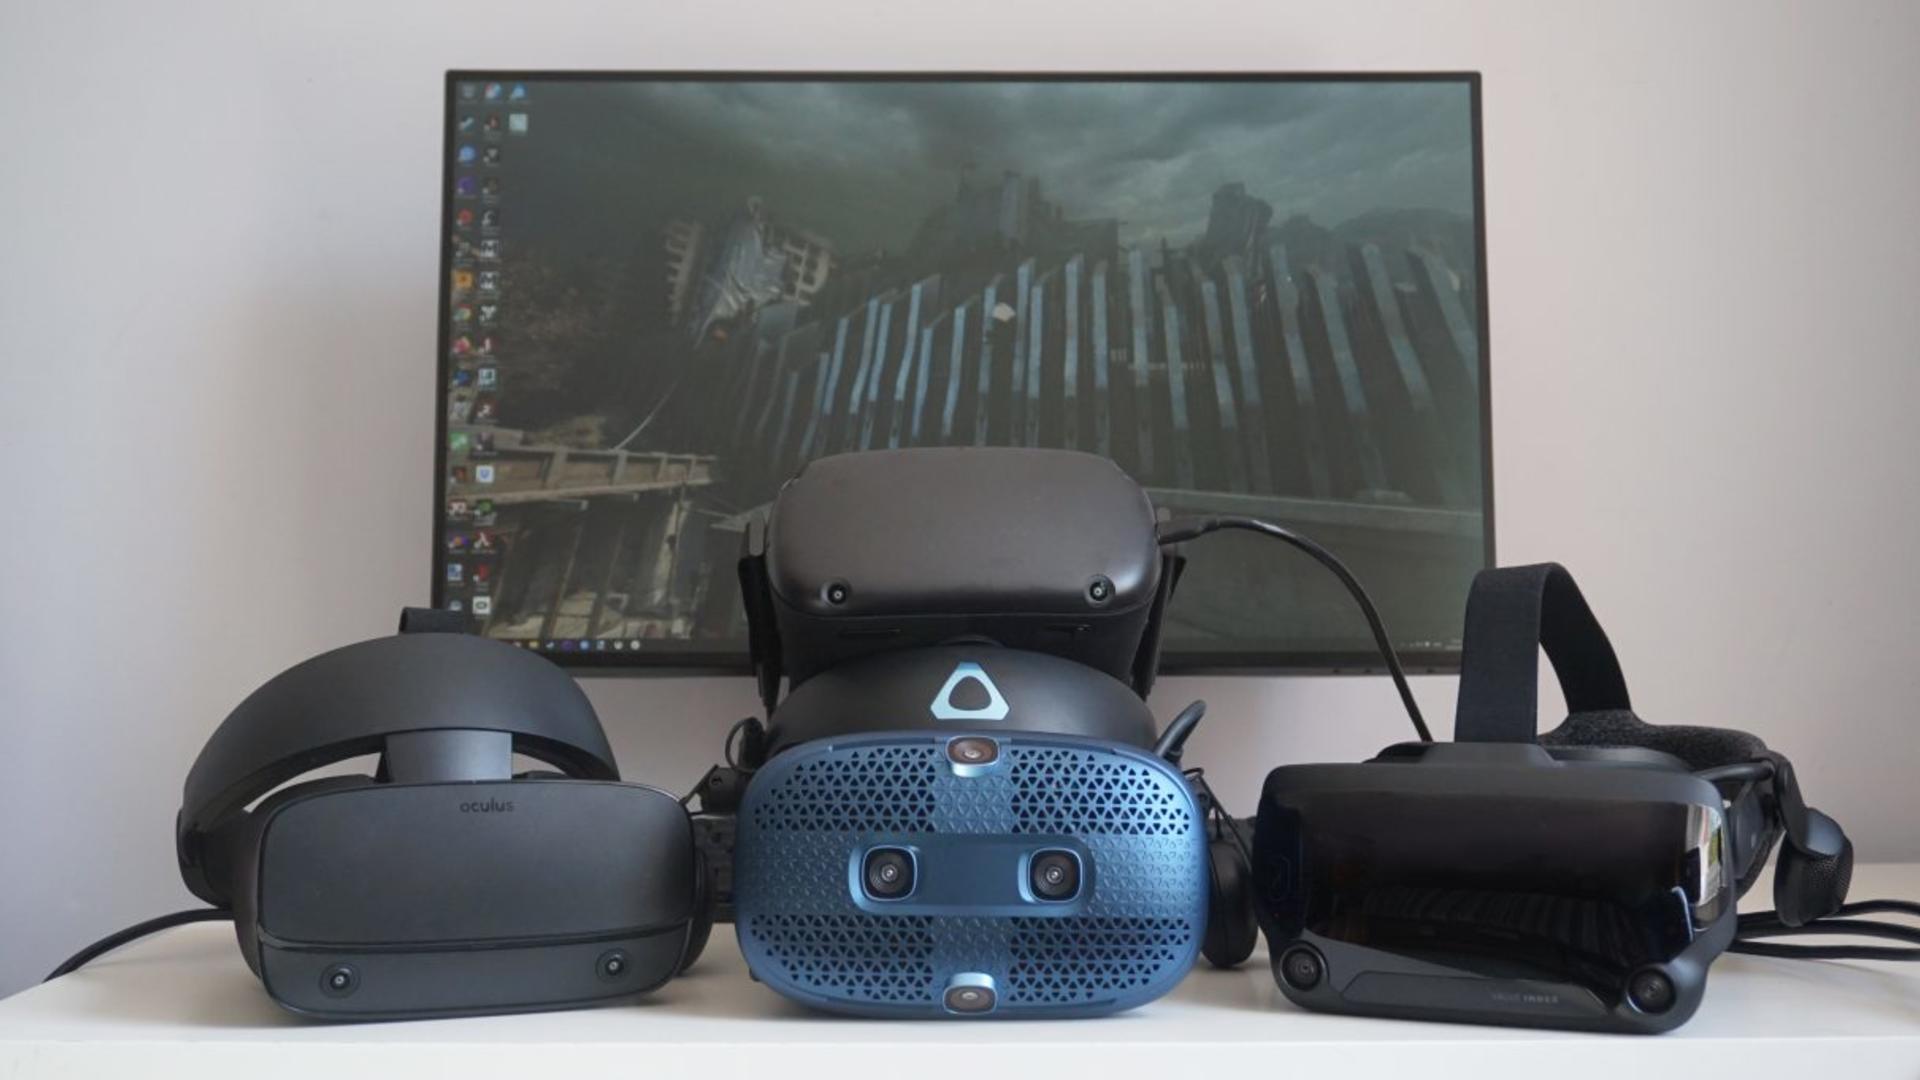 Top 5 kính VR tốt nhất 2020 theo tạp chí PC Gamer bình chọn